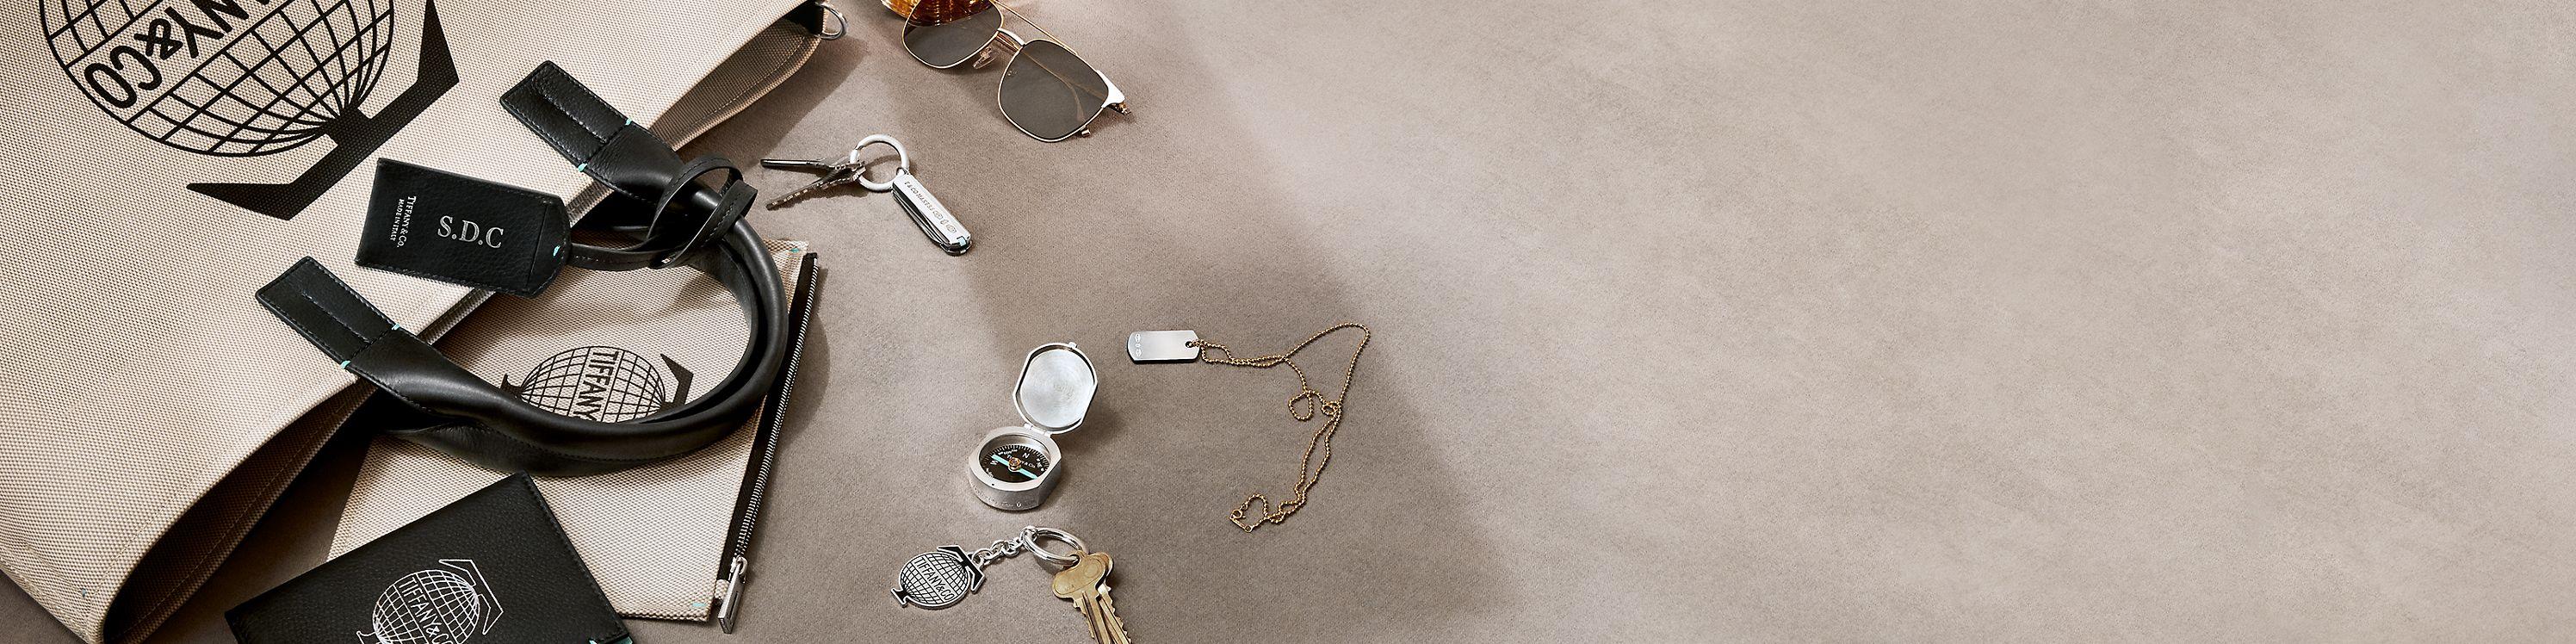 Tiffany & Co. Men's Accessories